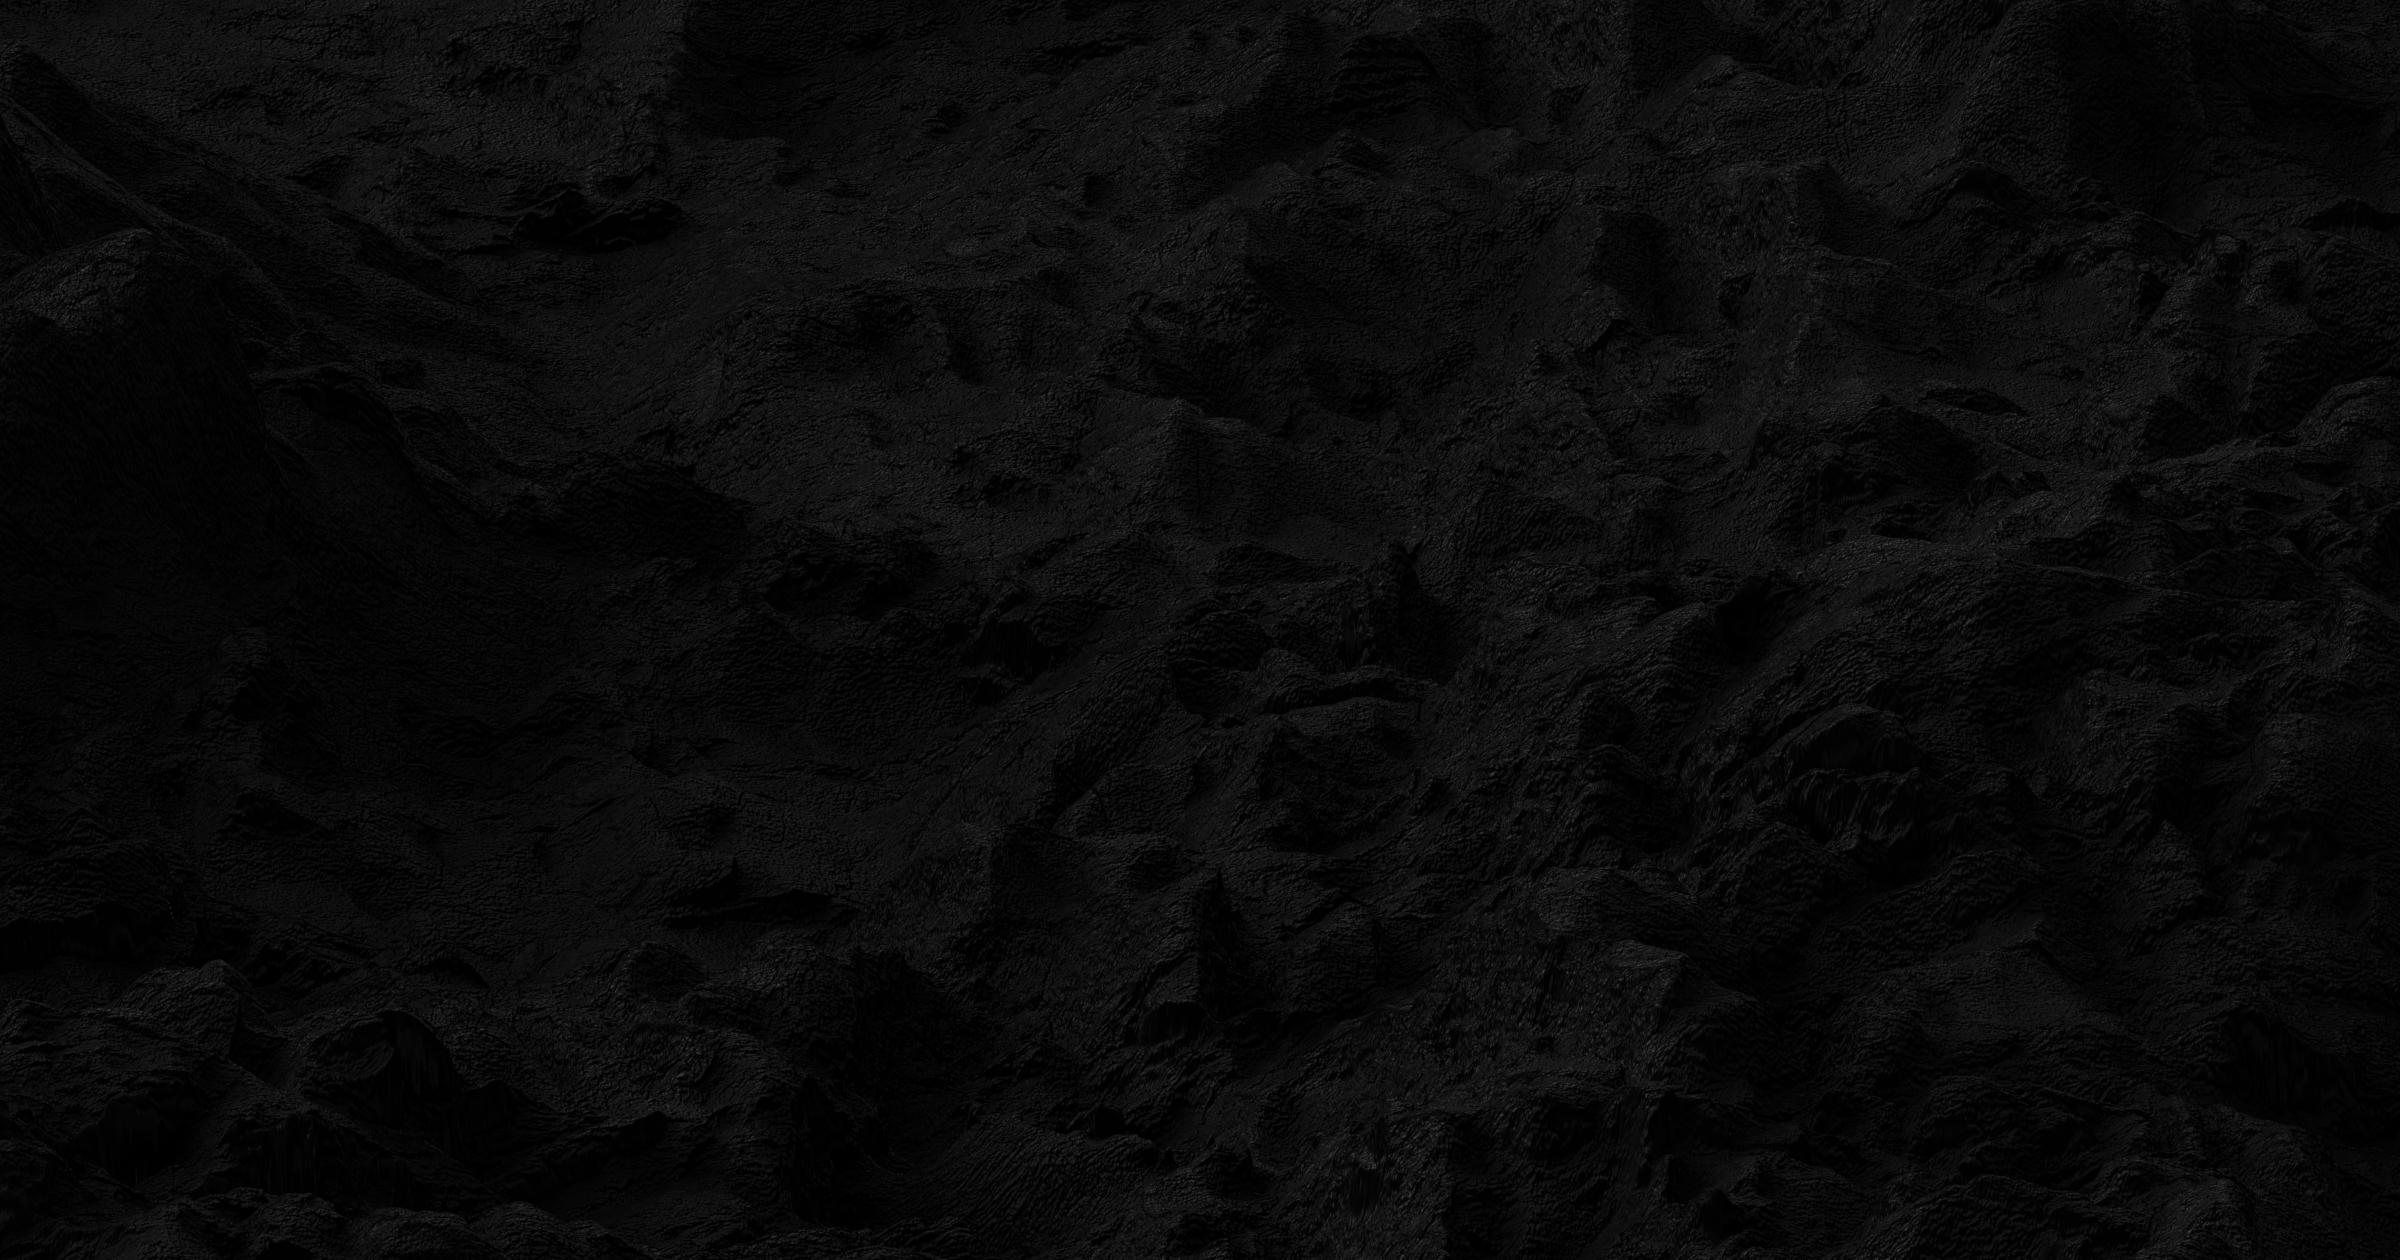 Hình nền trắng đen cực đẹp